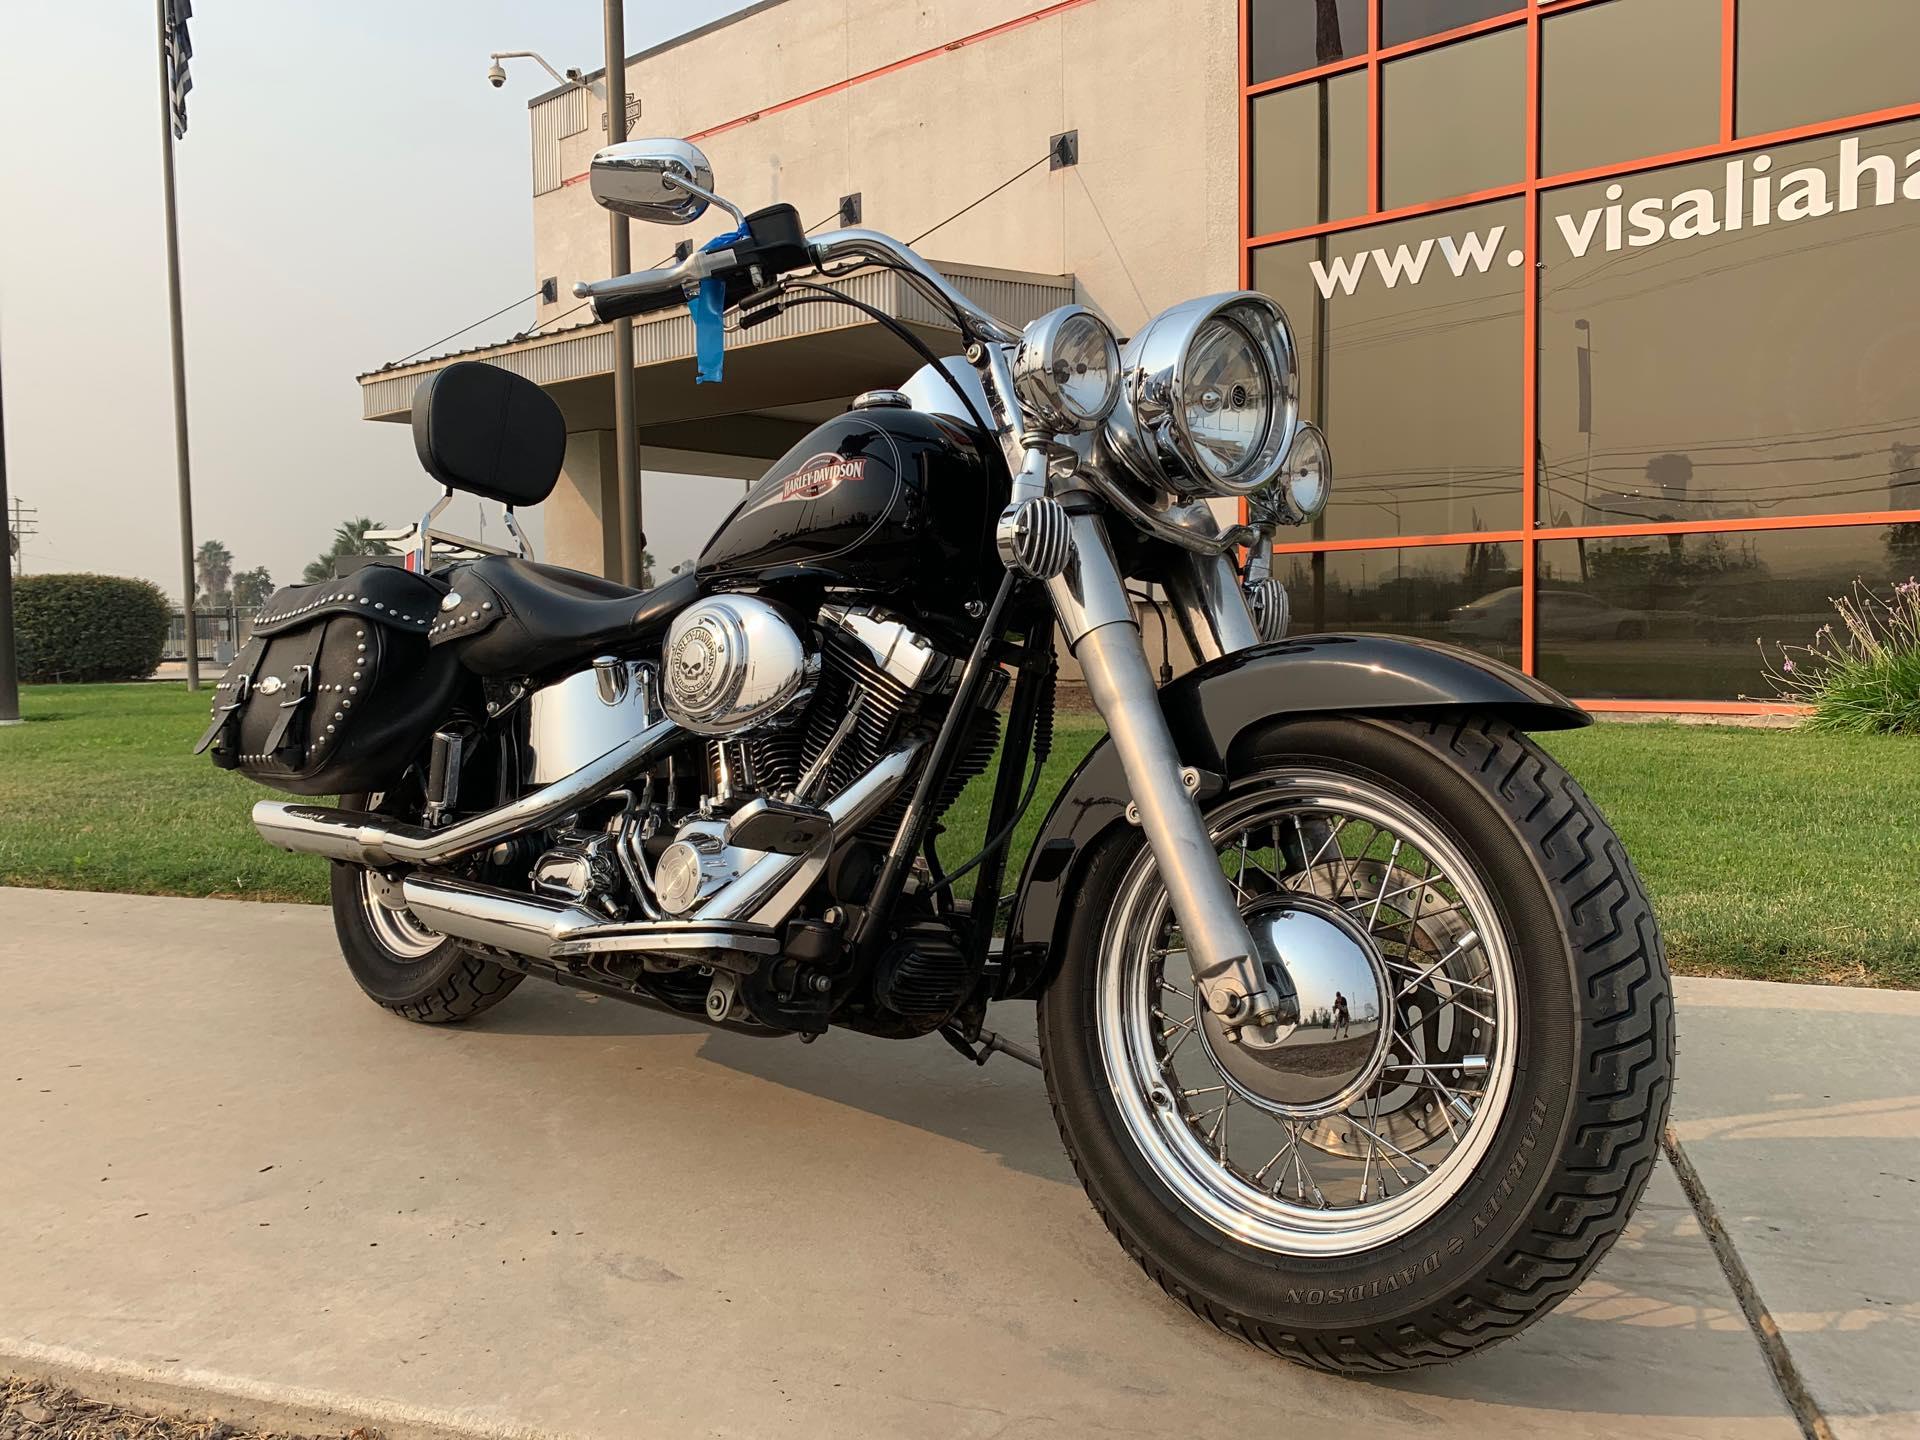 2005 Harley-Davidson Softail Heritage Softail Classic at Visalia Harley-Davidson